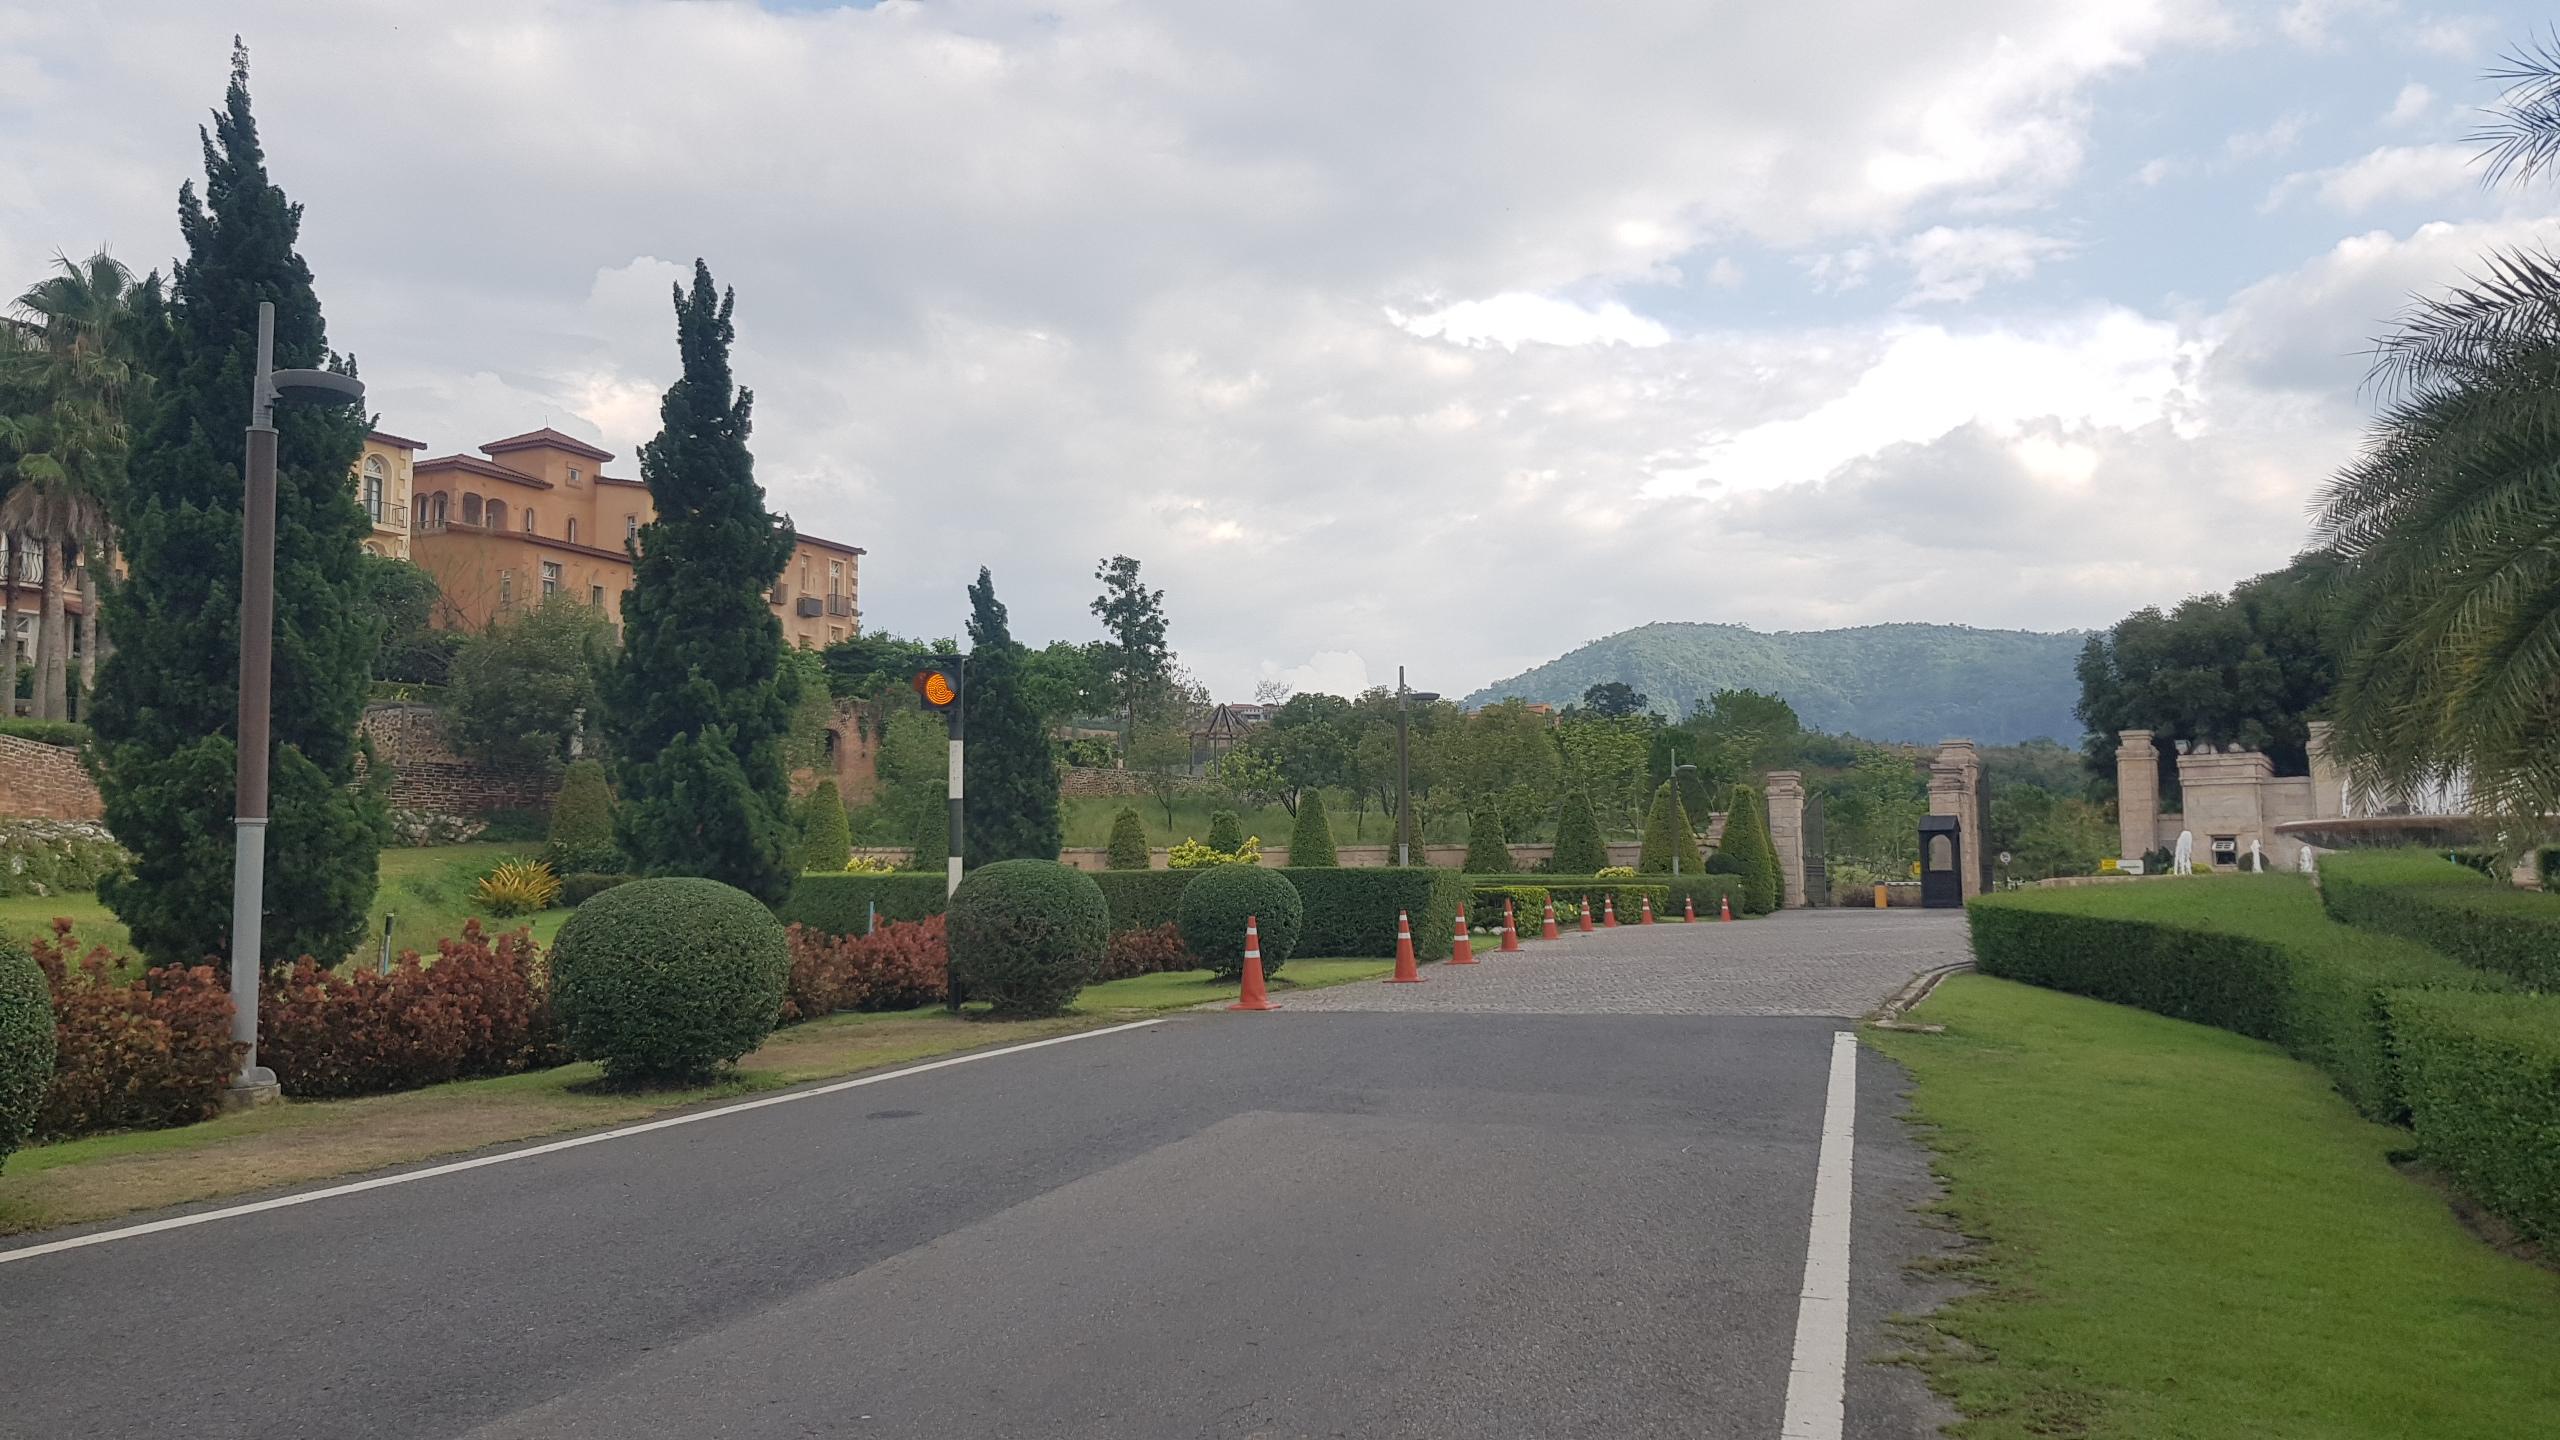 ทางเข้าโครงการ Toscana Valley เขาใหญ่